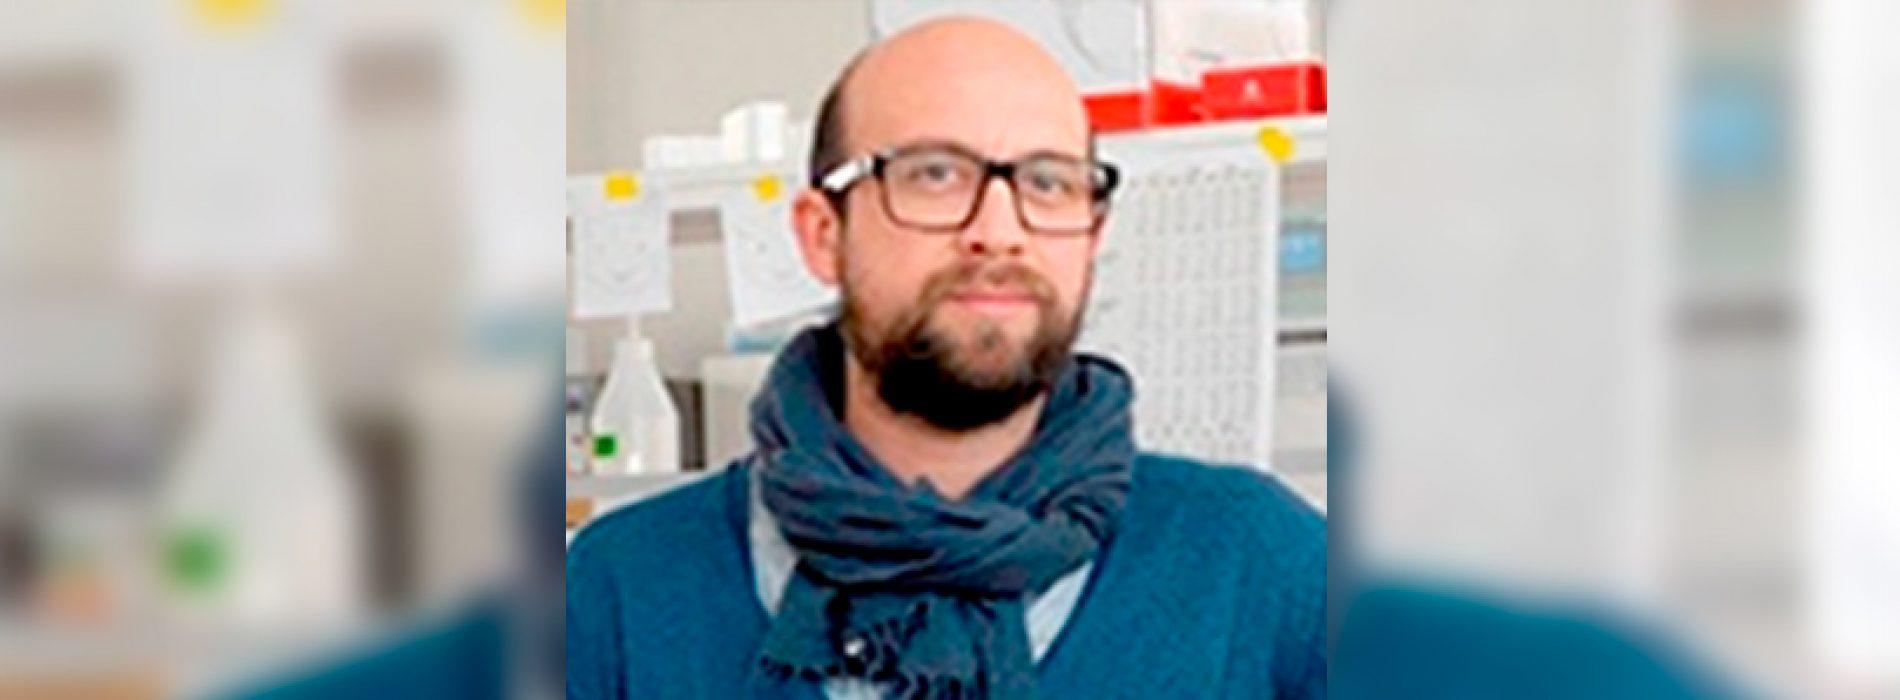 Ricardo Soto-Riffo, coordinador de sesión y charlista confirmado a XLI Reunión Anual de la Sociedad de Bioquímica y Biología Molecular de Chile, 25 al 28 de septiembre 2018, Iquique, Chile